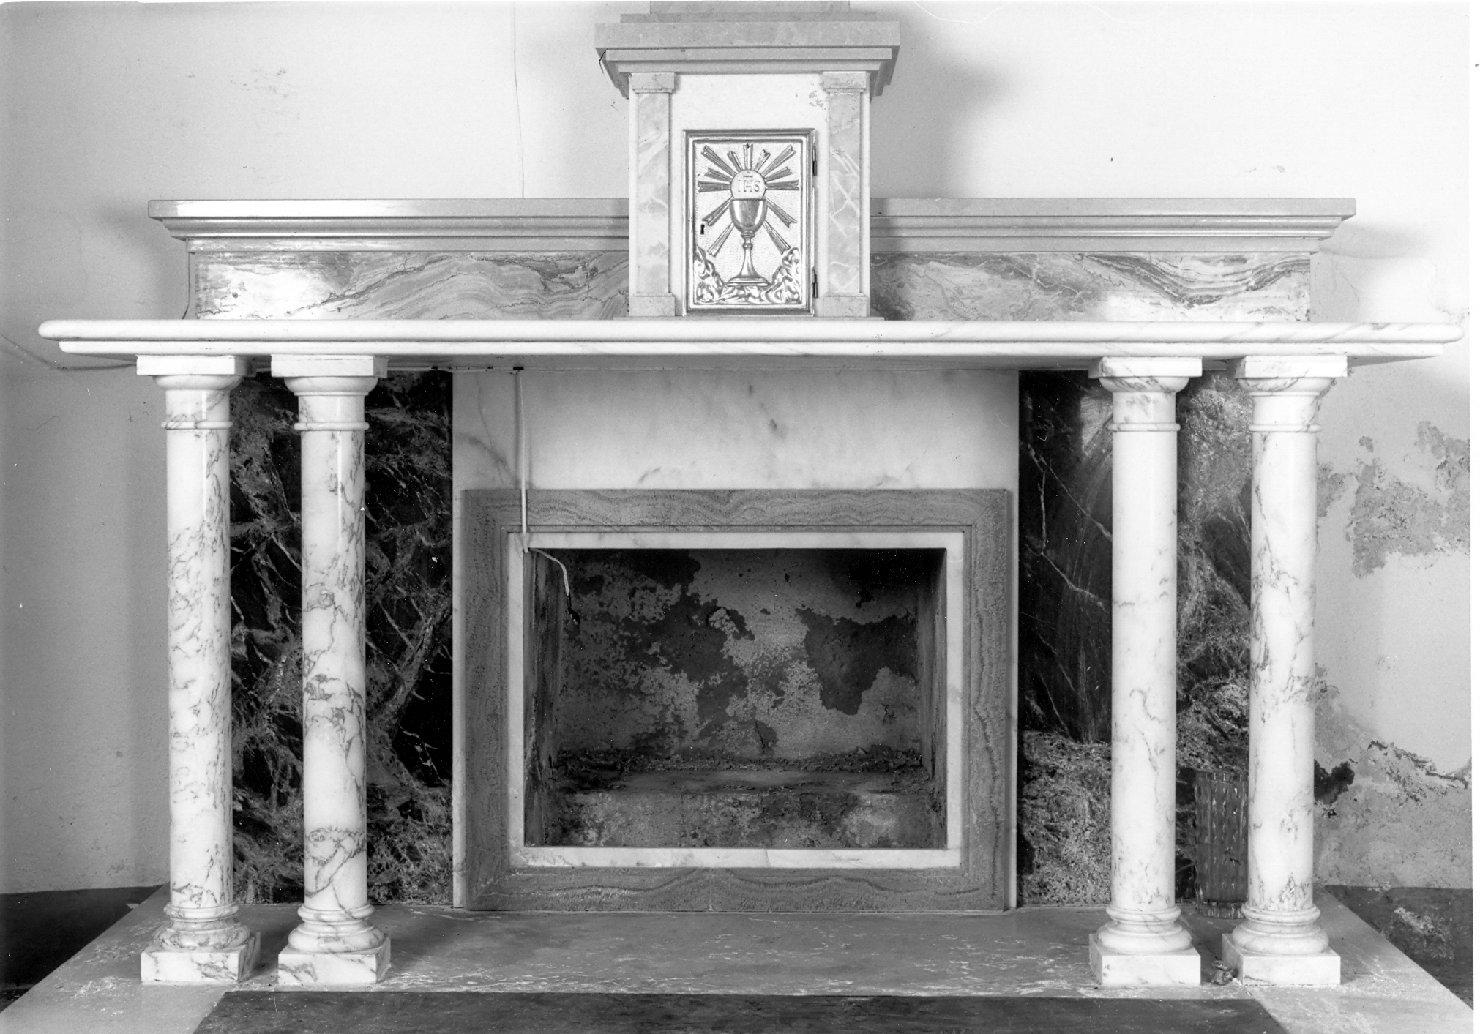 altare - a mensa - bottega emiliana (inizio sec. XX)